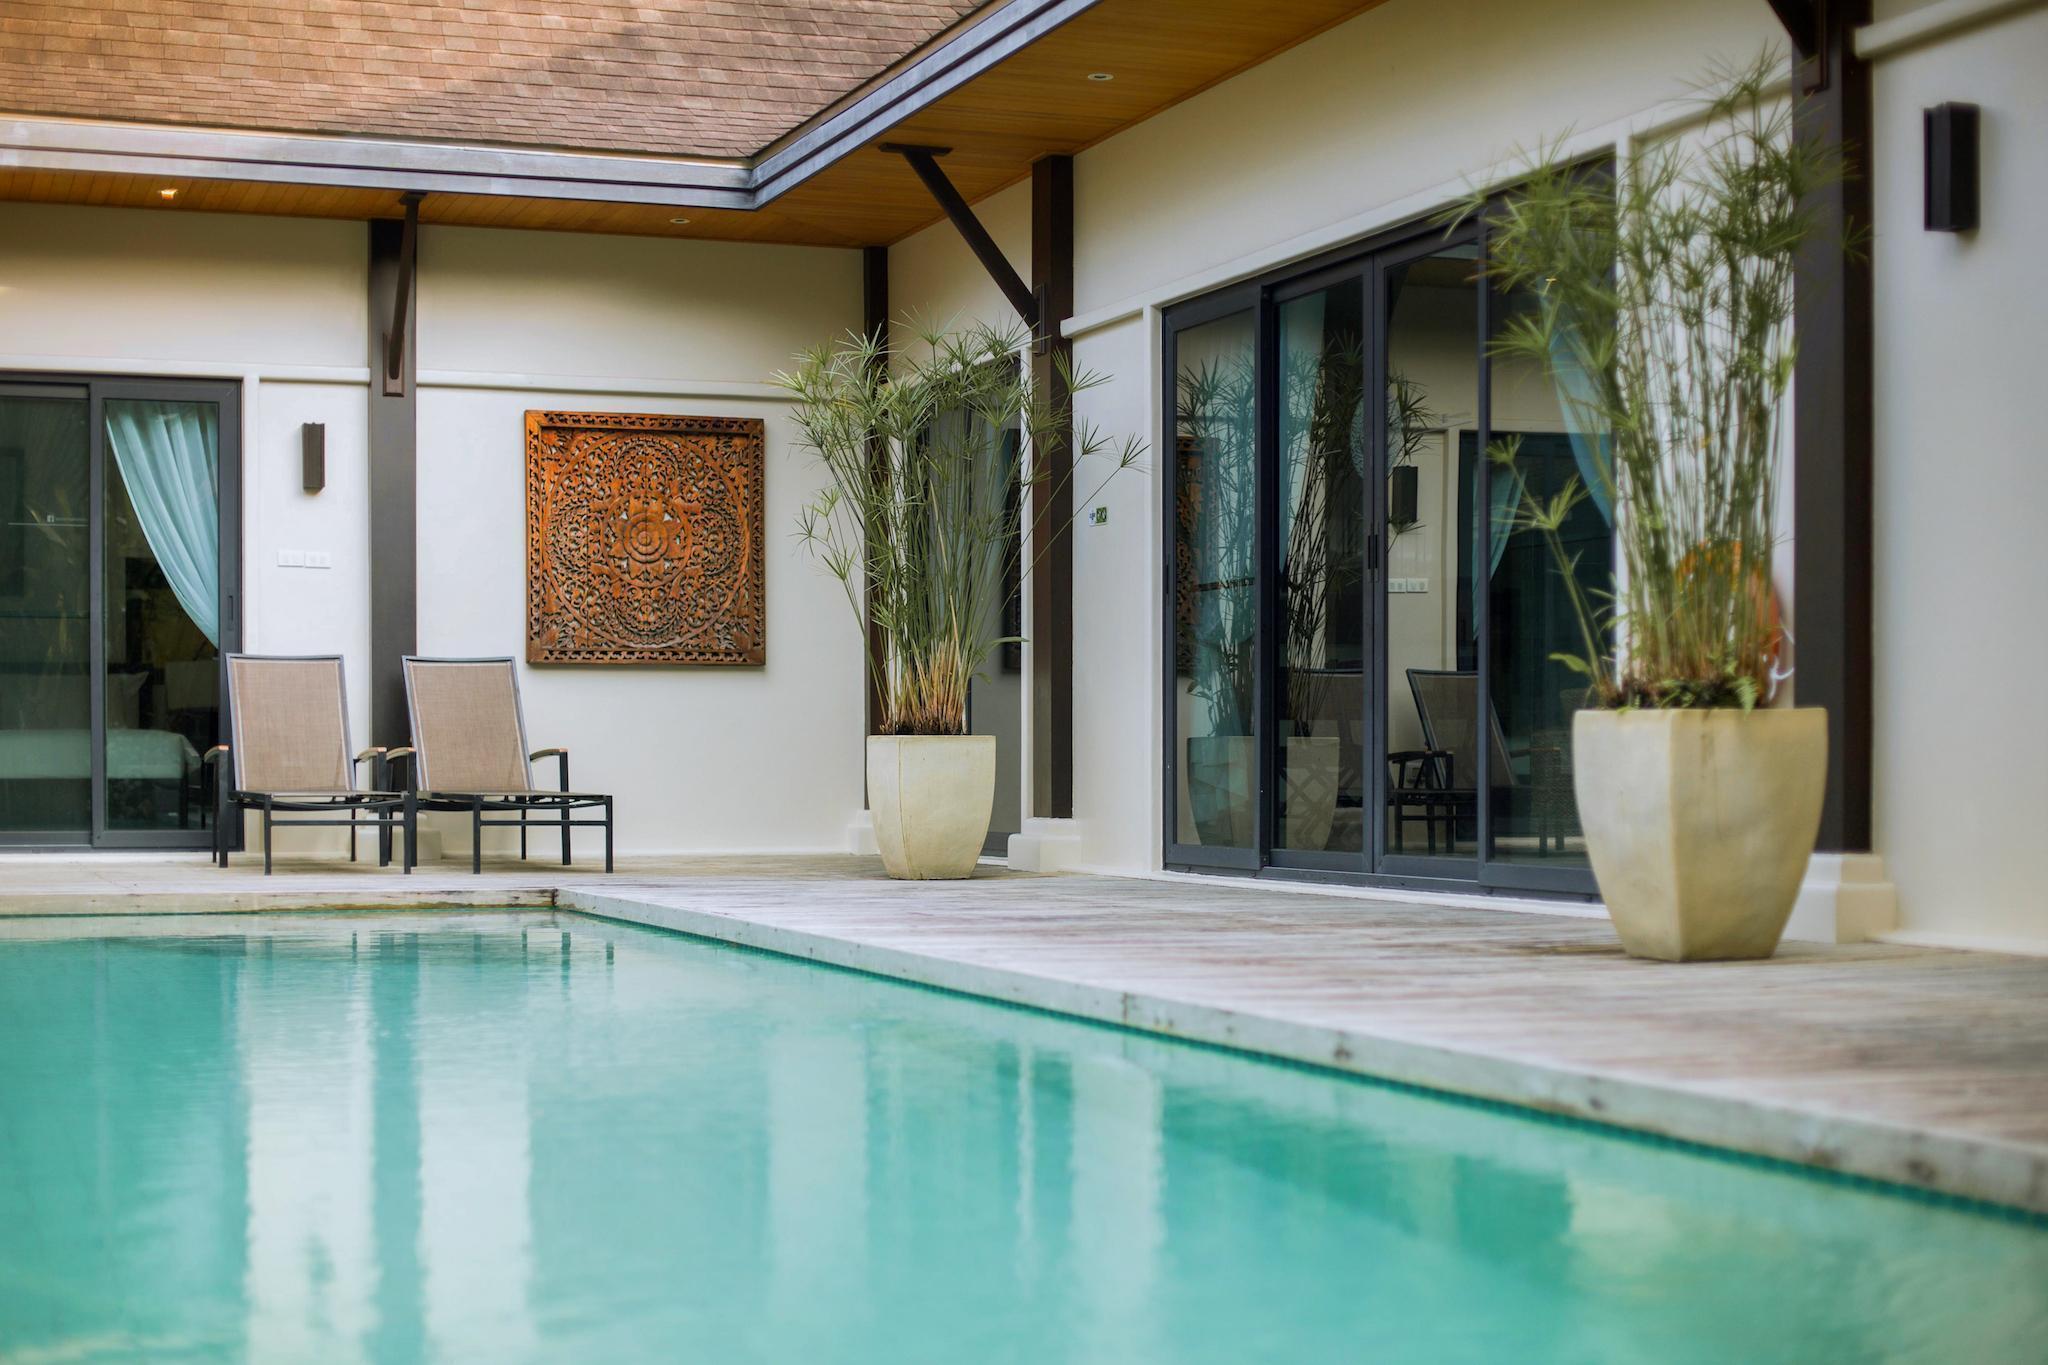 Two Villas Holiday: Oriental Style Nai Harn Beach ทู วิลลา ฮอลิเดย์ โอเรียนตัล สไตล์ หาดในหาน